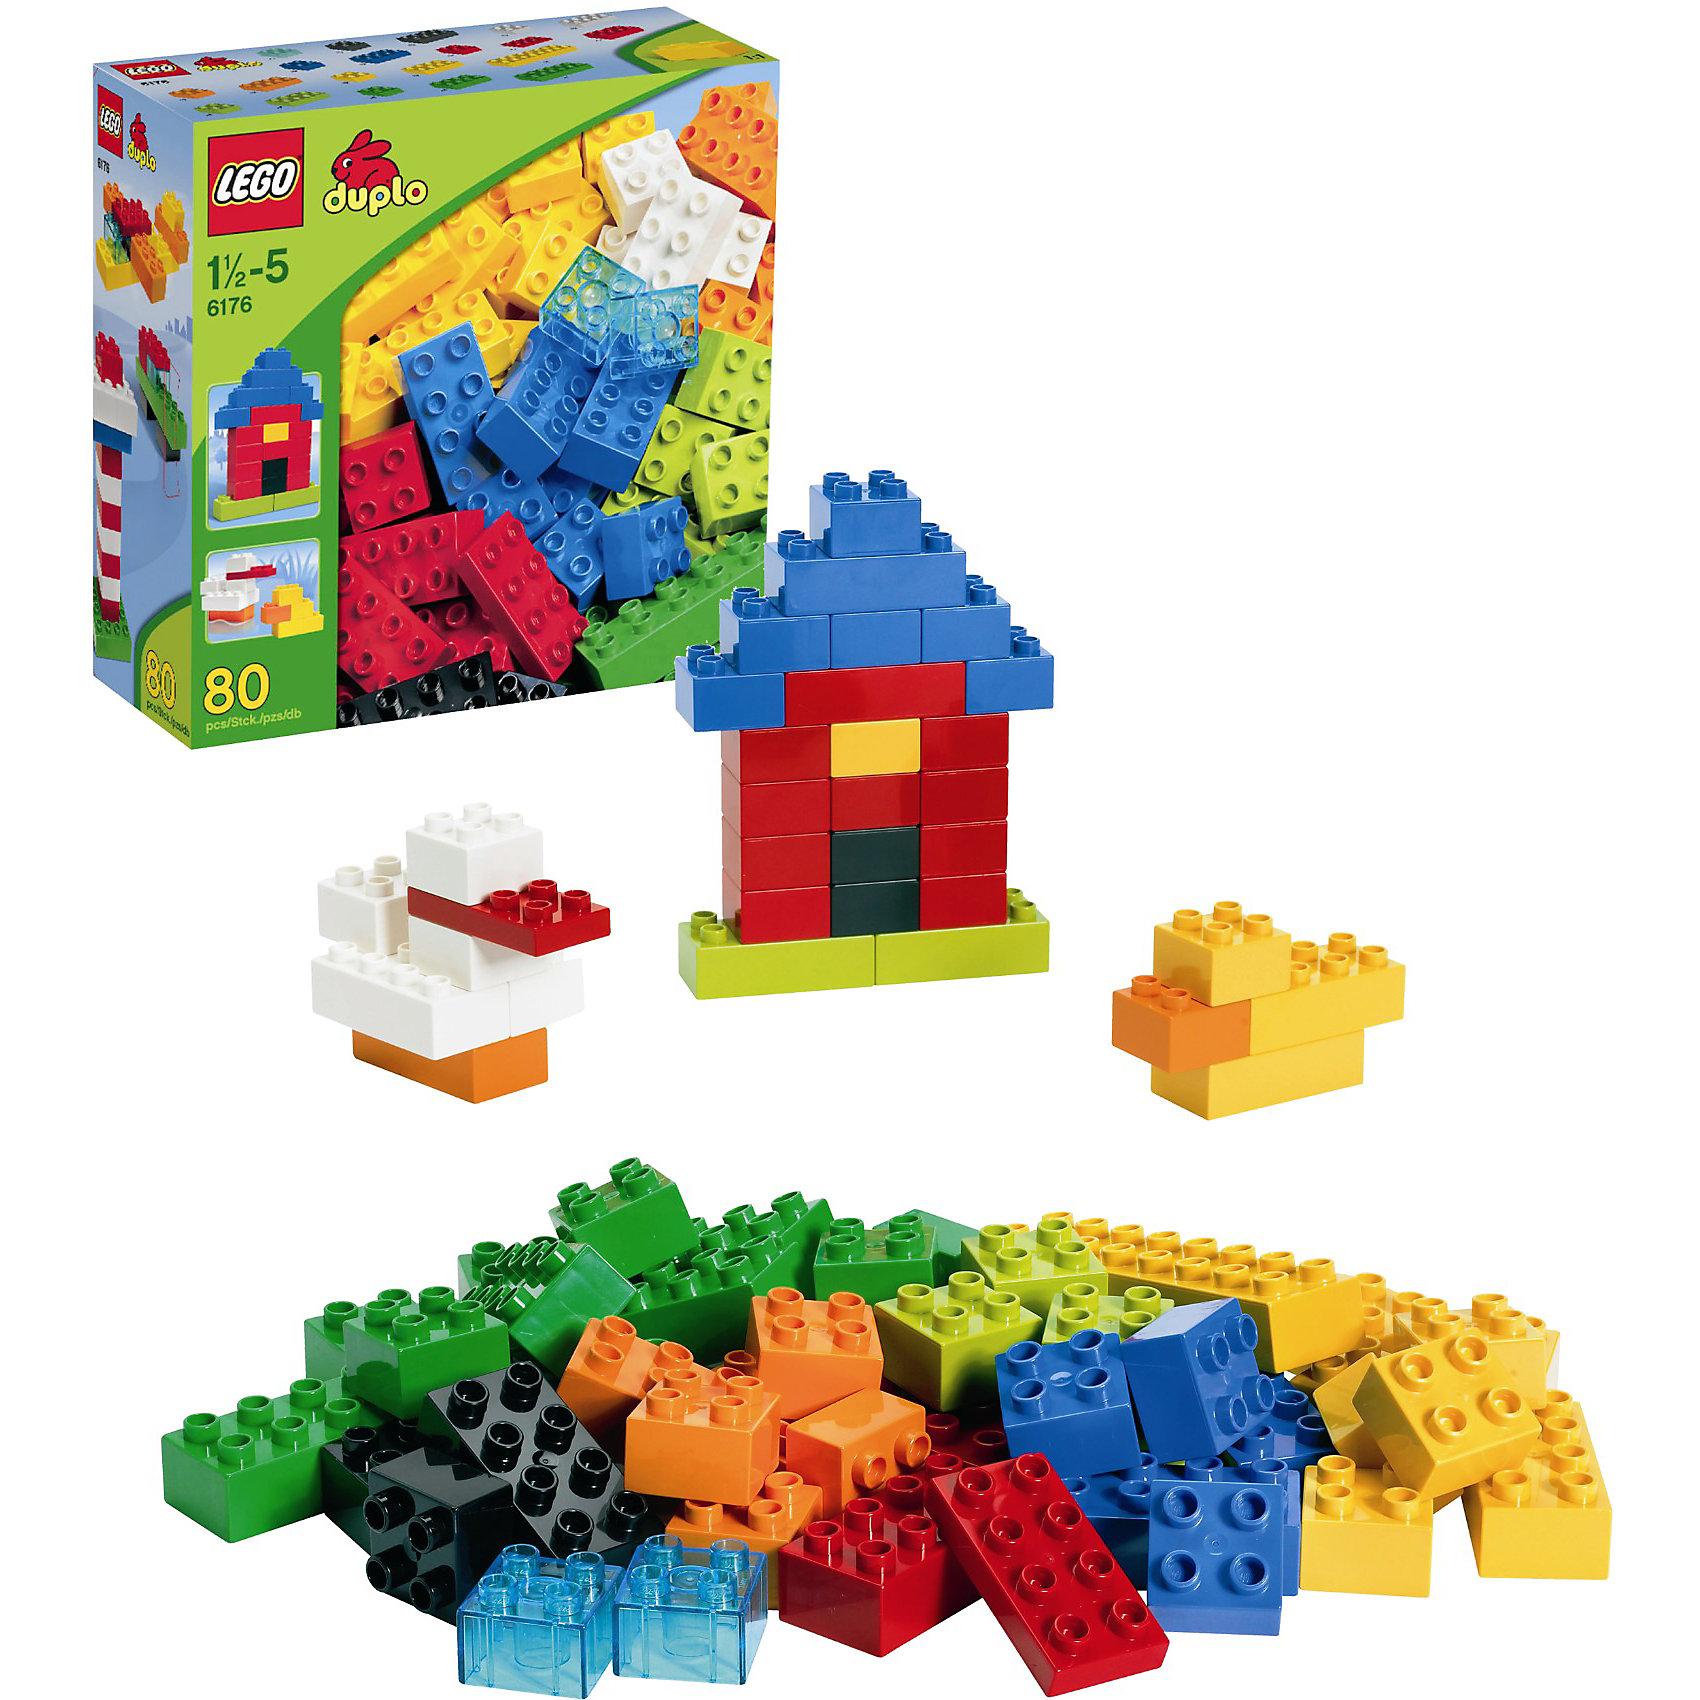 LEGO DUPLO 6176 Основные элементы